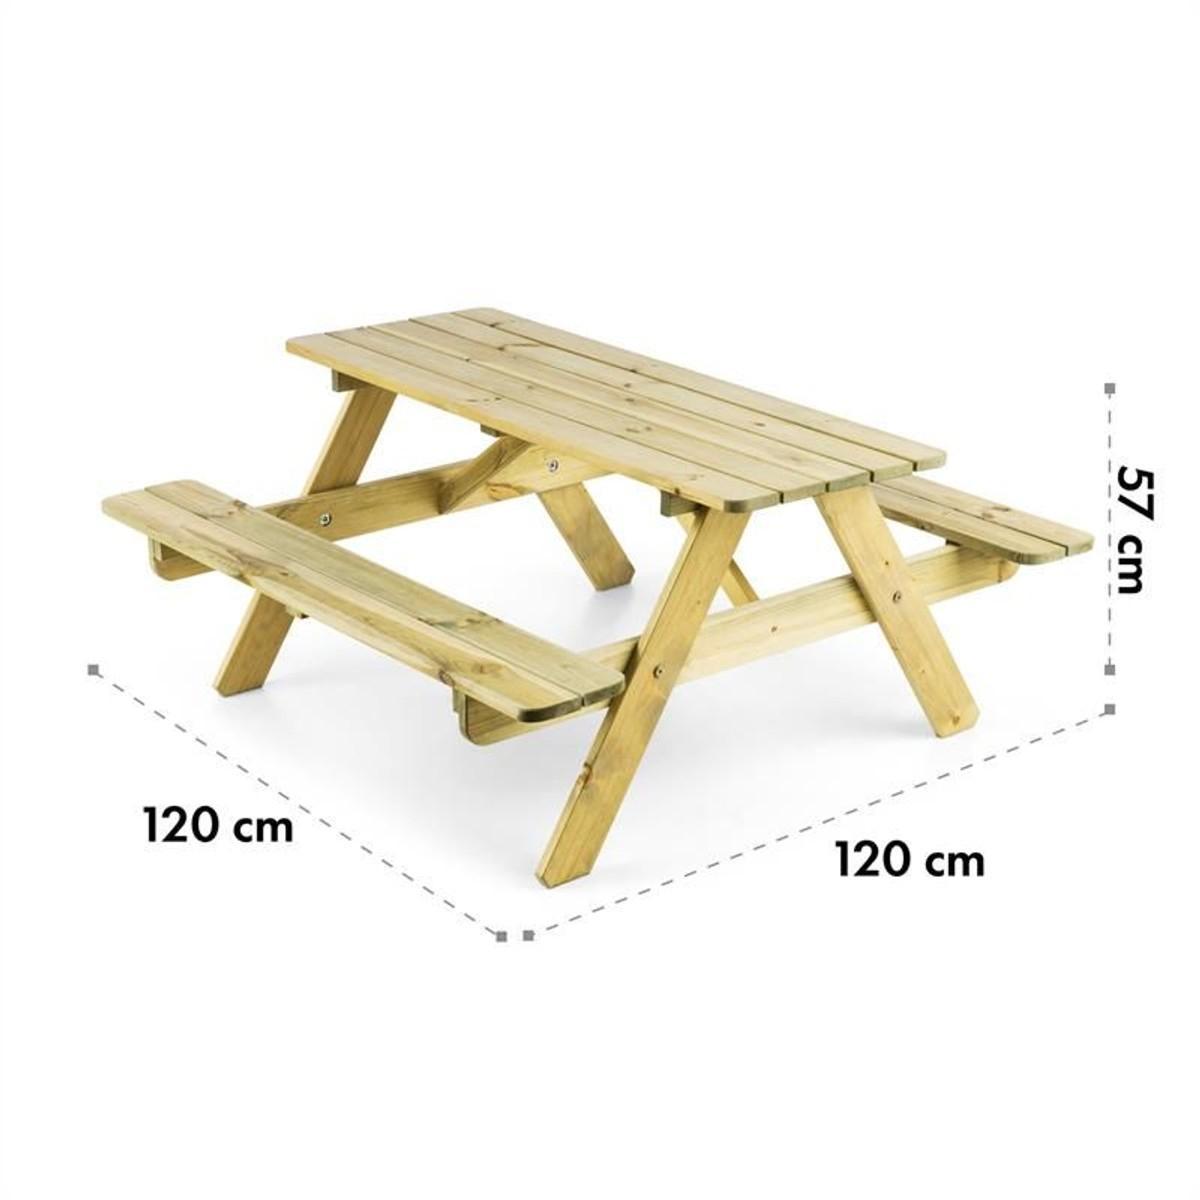 Table De Pique-Nique Avec Banc Meuble Jardin Pour Enfants ... concernant Table Jardin Bois Enfant